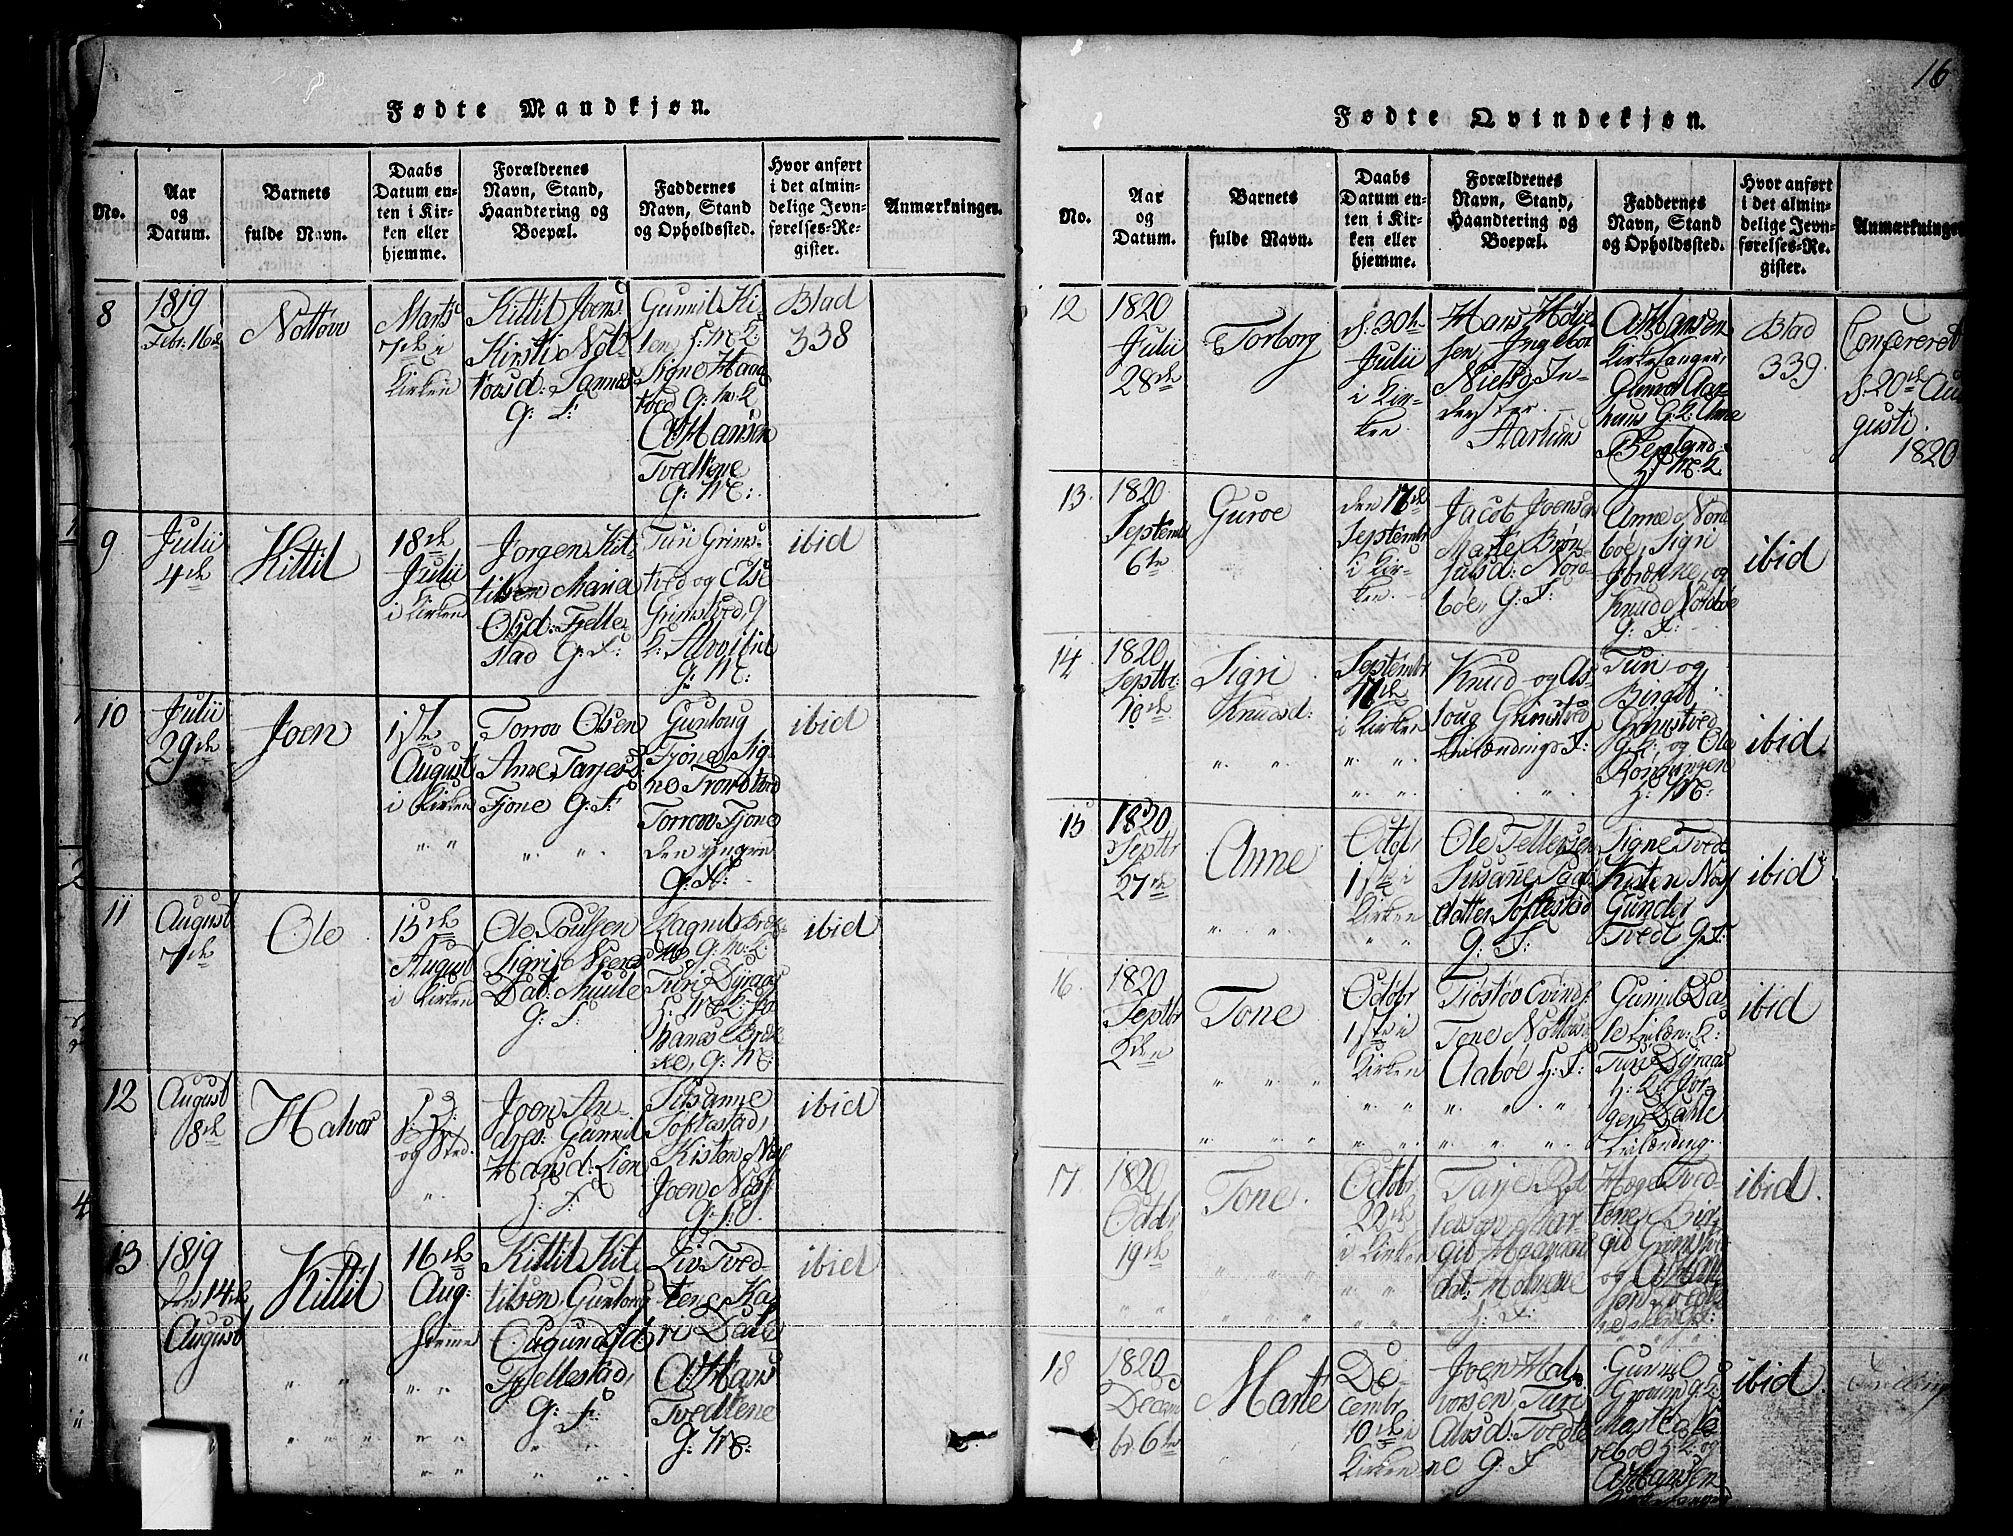 SAKO, Nissedal kirkebøker, G/Ga/L0001: Klokkerbok nr. I 1, 1814-1860, s. 16